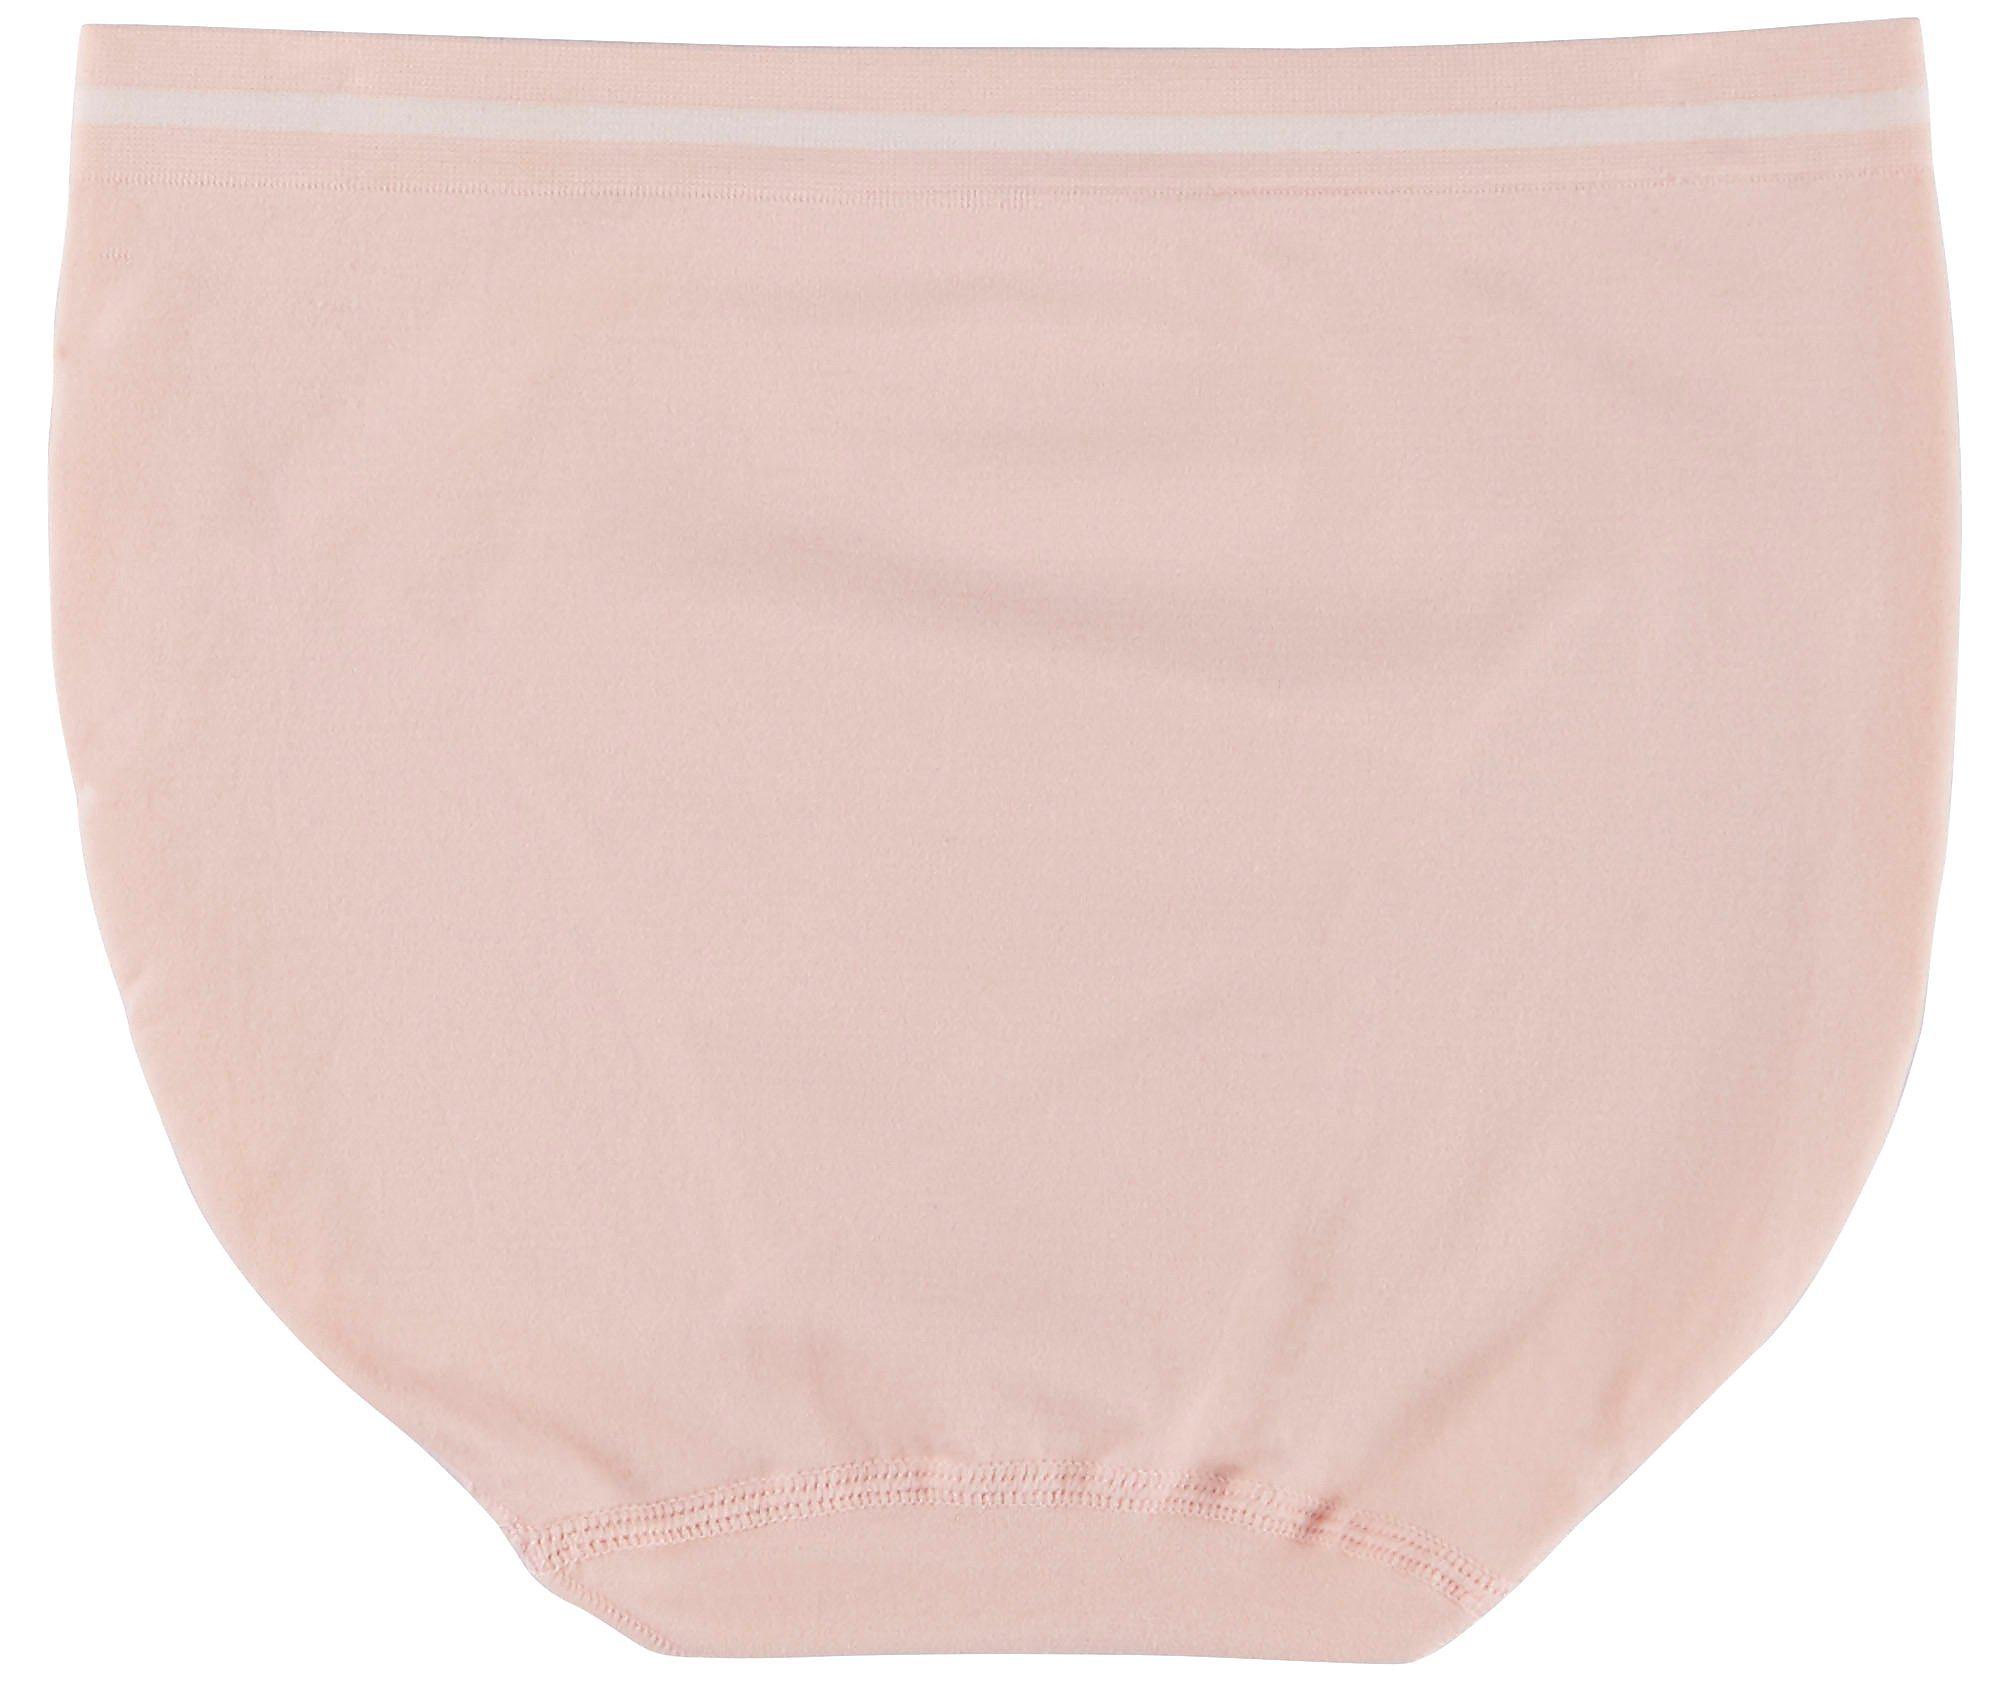 f8efde6e852d Ellen Tracy 3-pk. Seamless Hi-Cut Panties 51220P3 | eBay